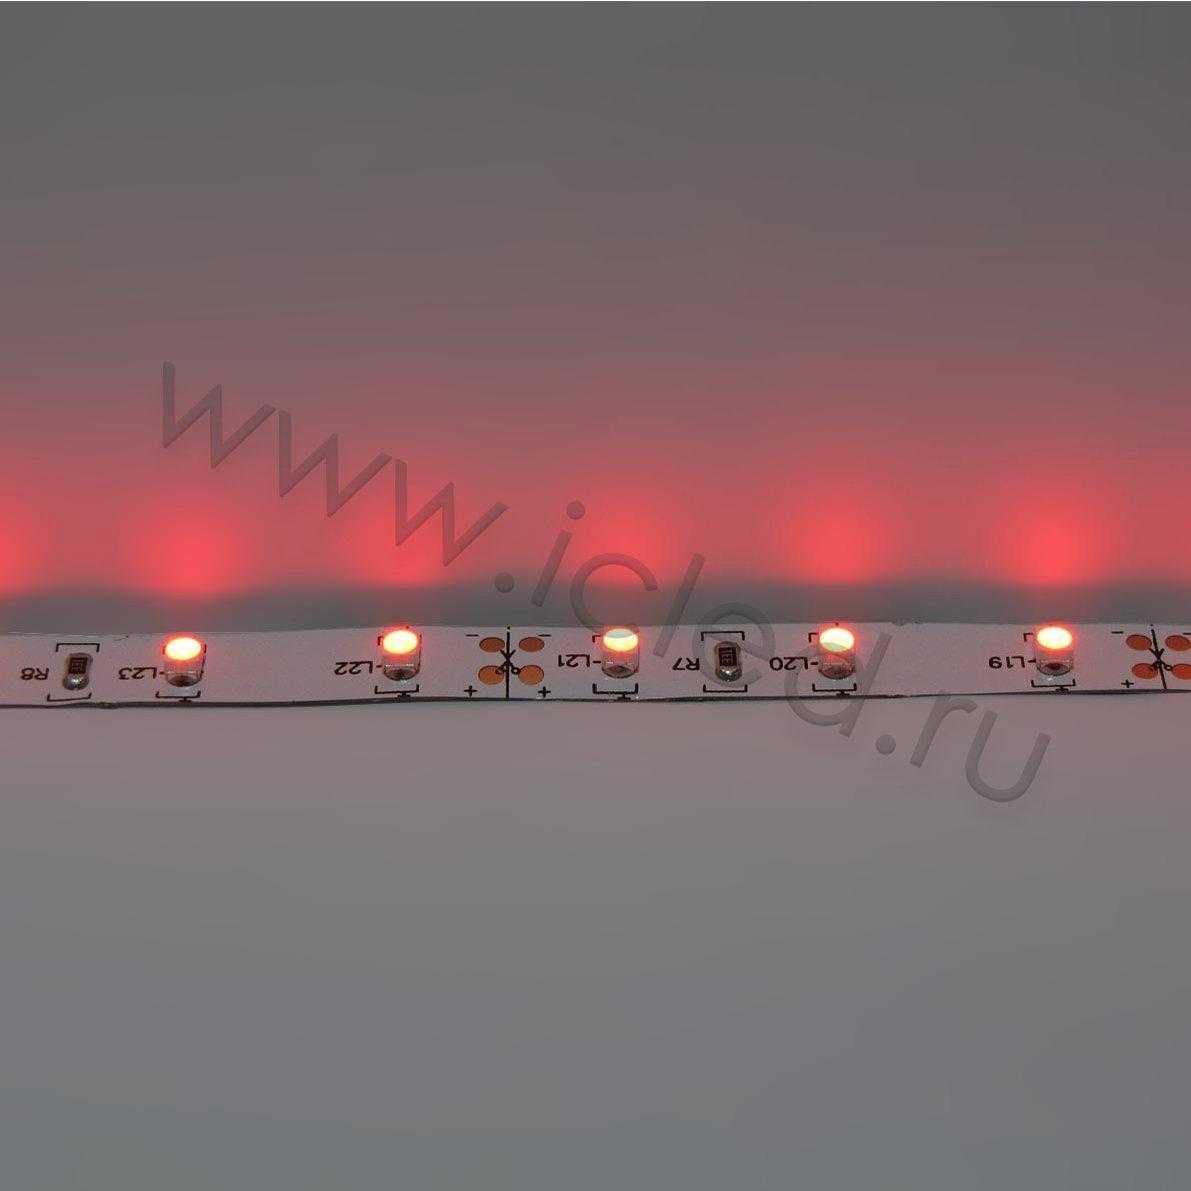 Светодиодная лента Class B, 3528, 60 led/m, Red, 12V, IP33